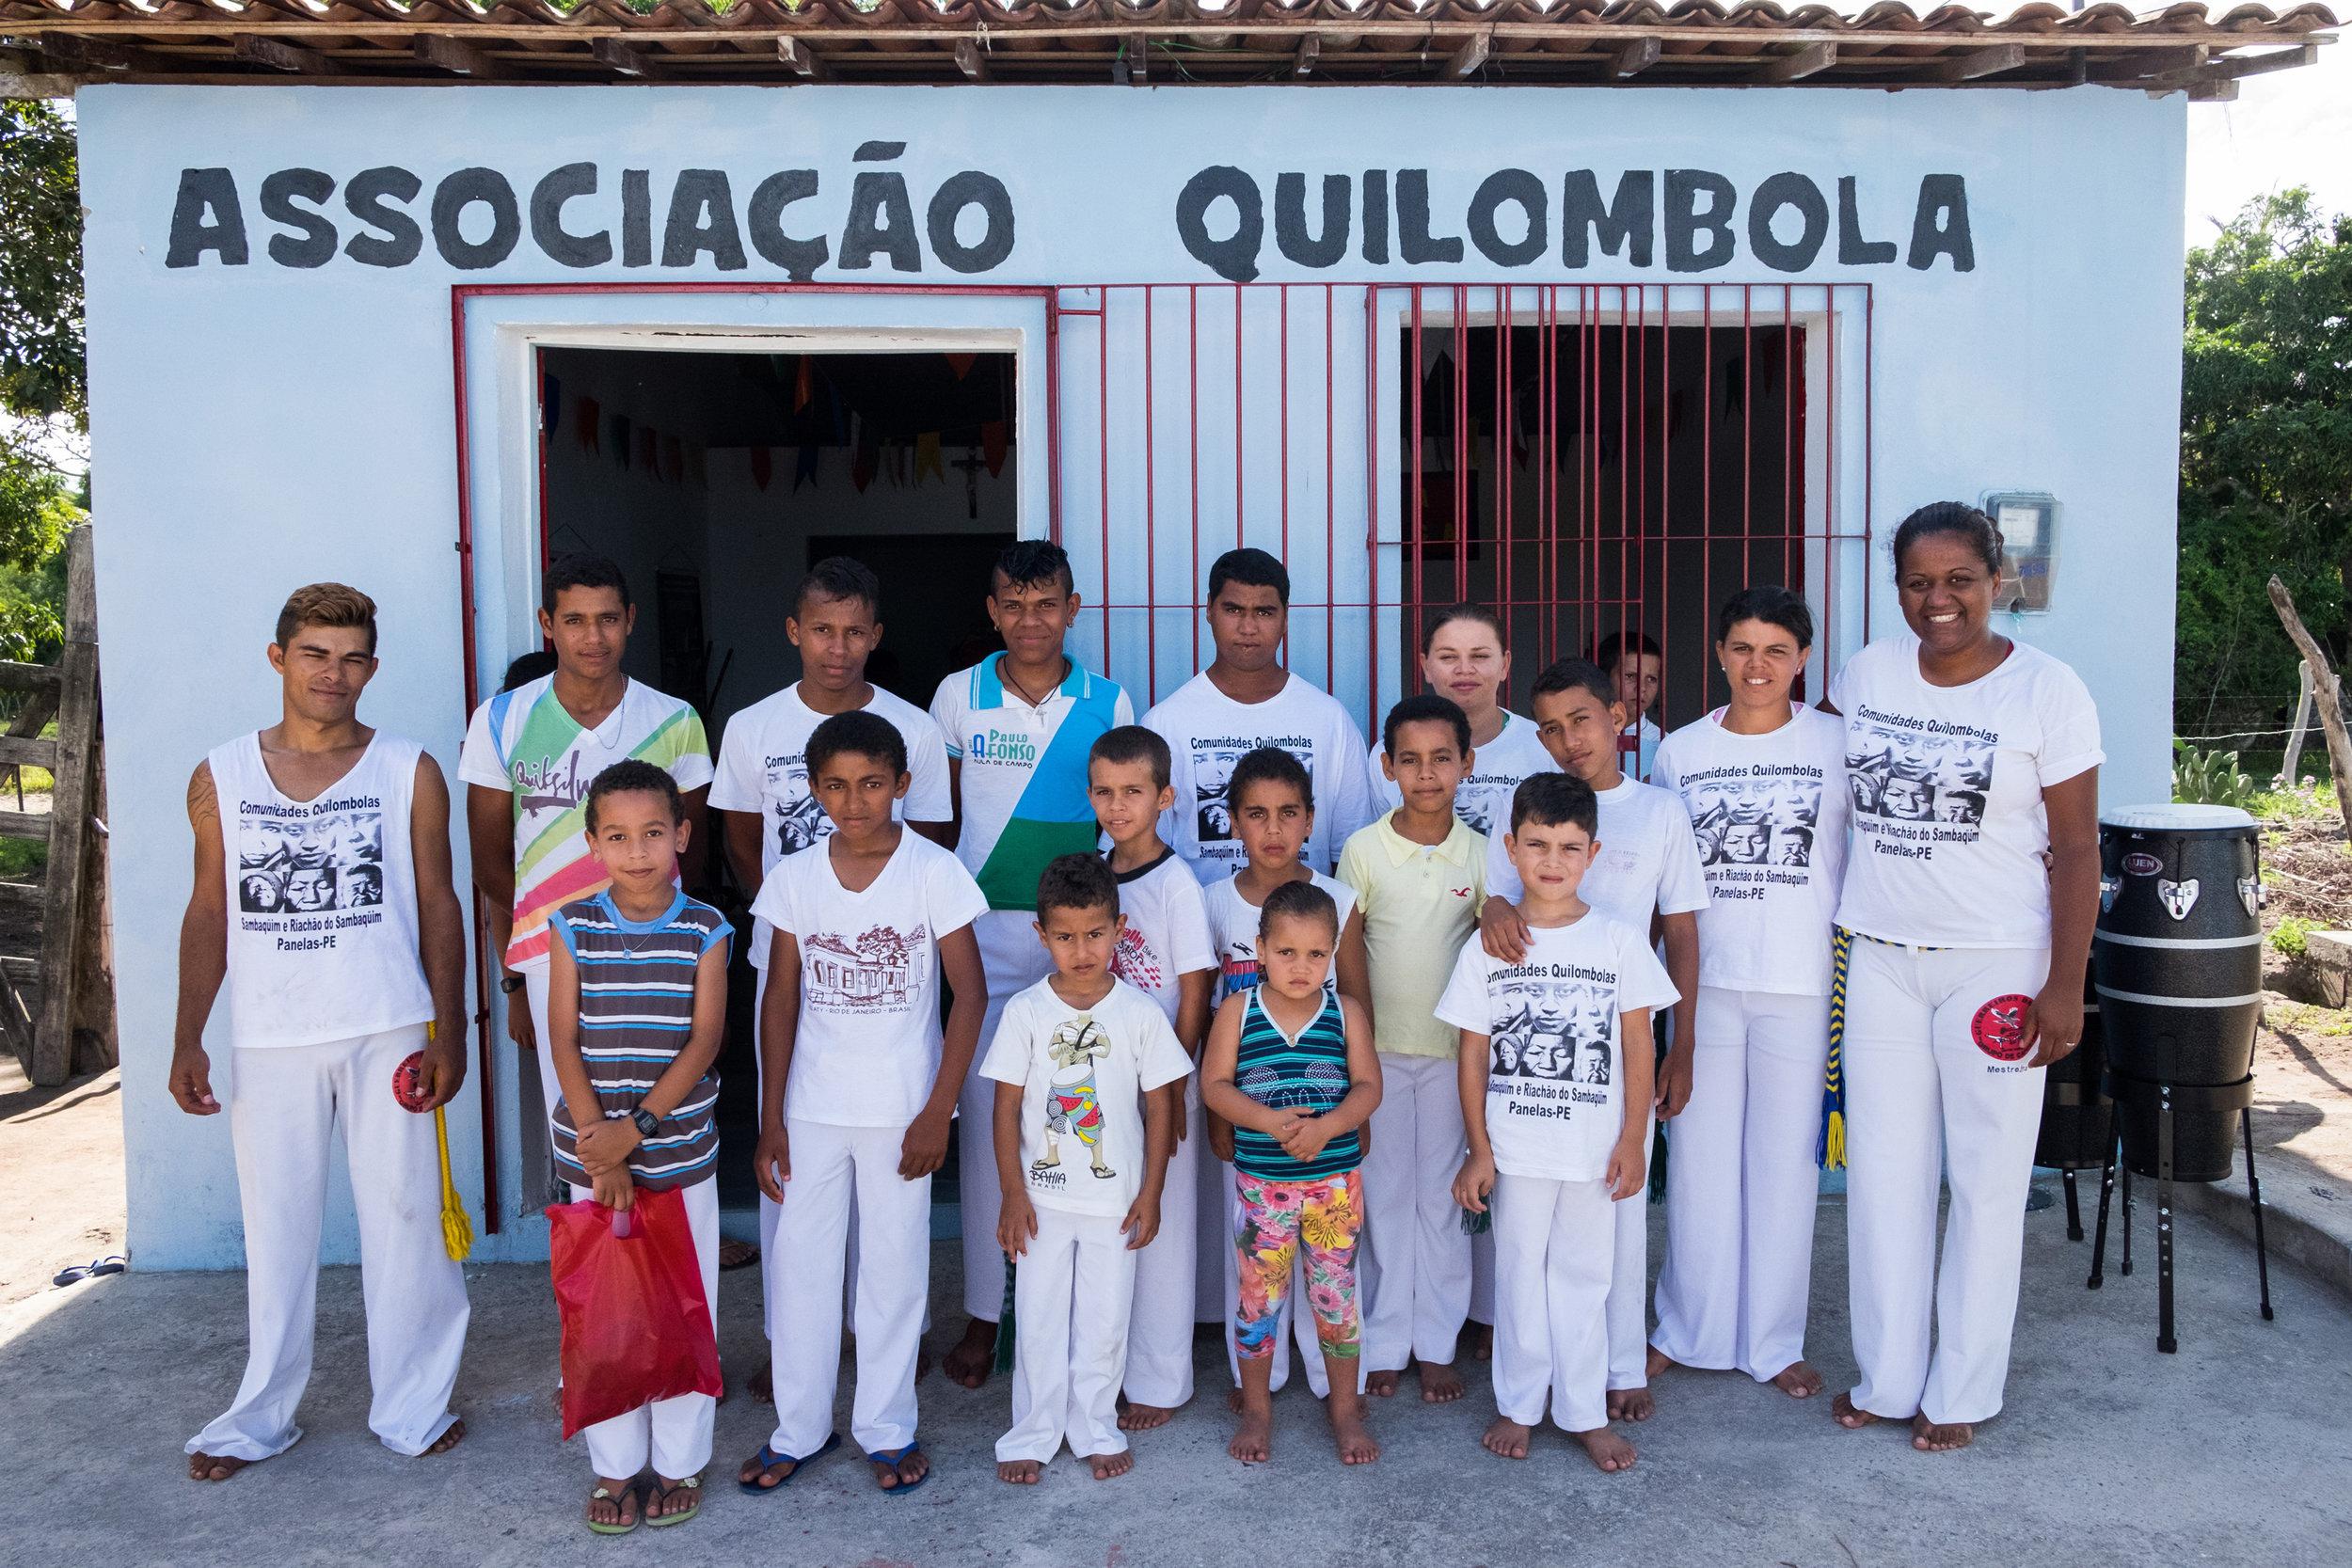 Associação Quilombola, Pau Ferro-PE, 2016